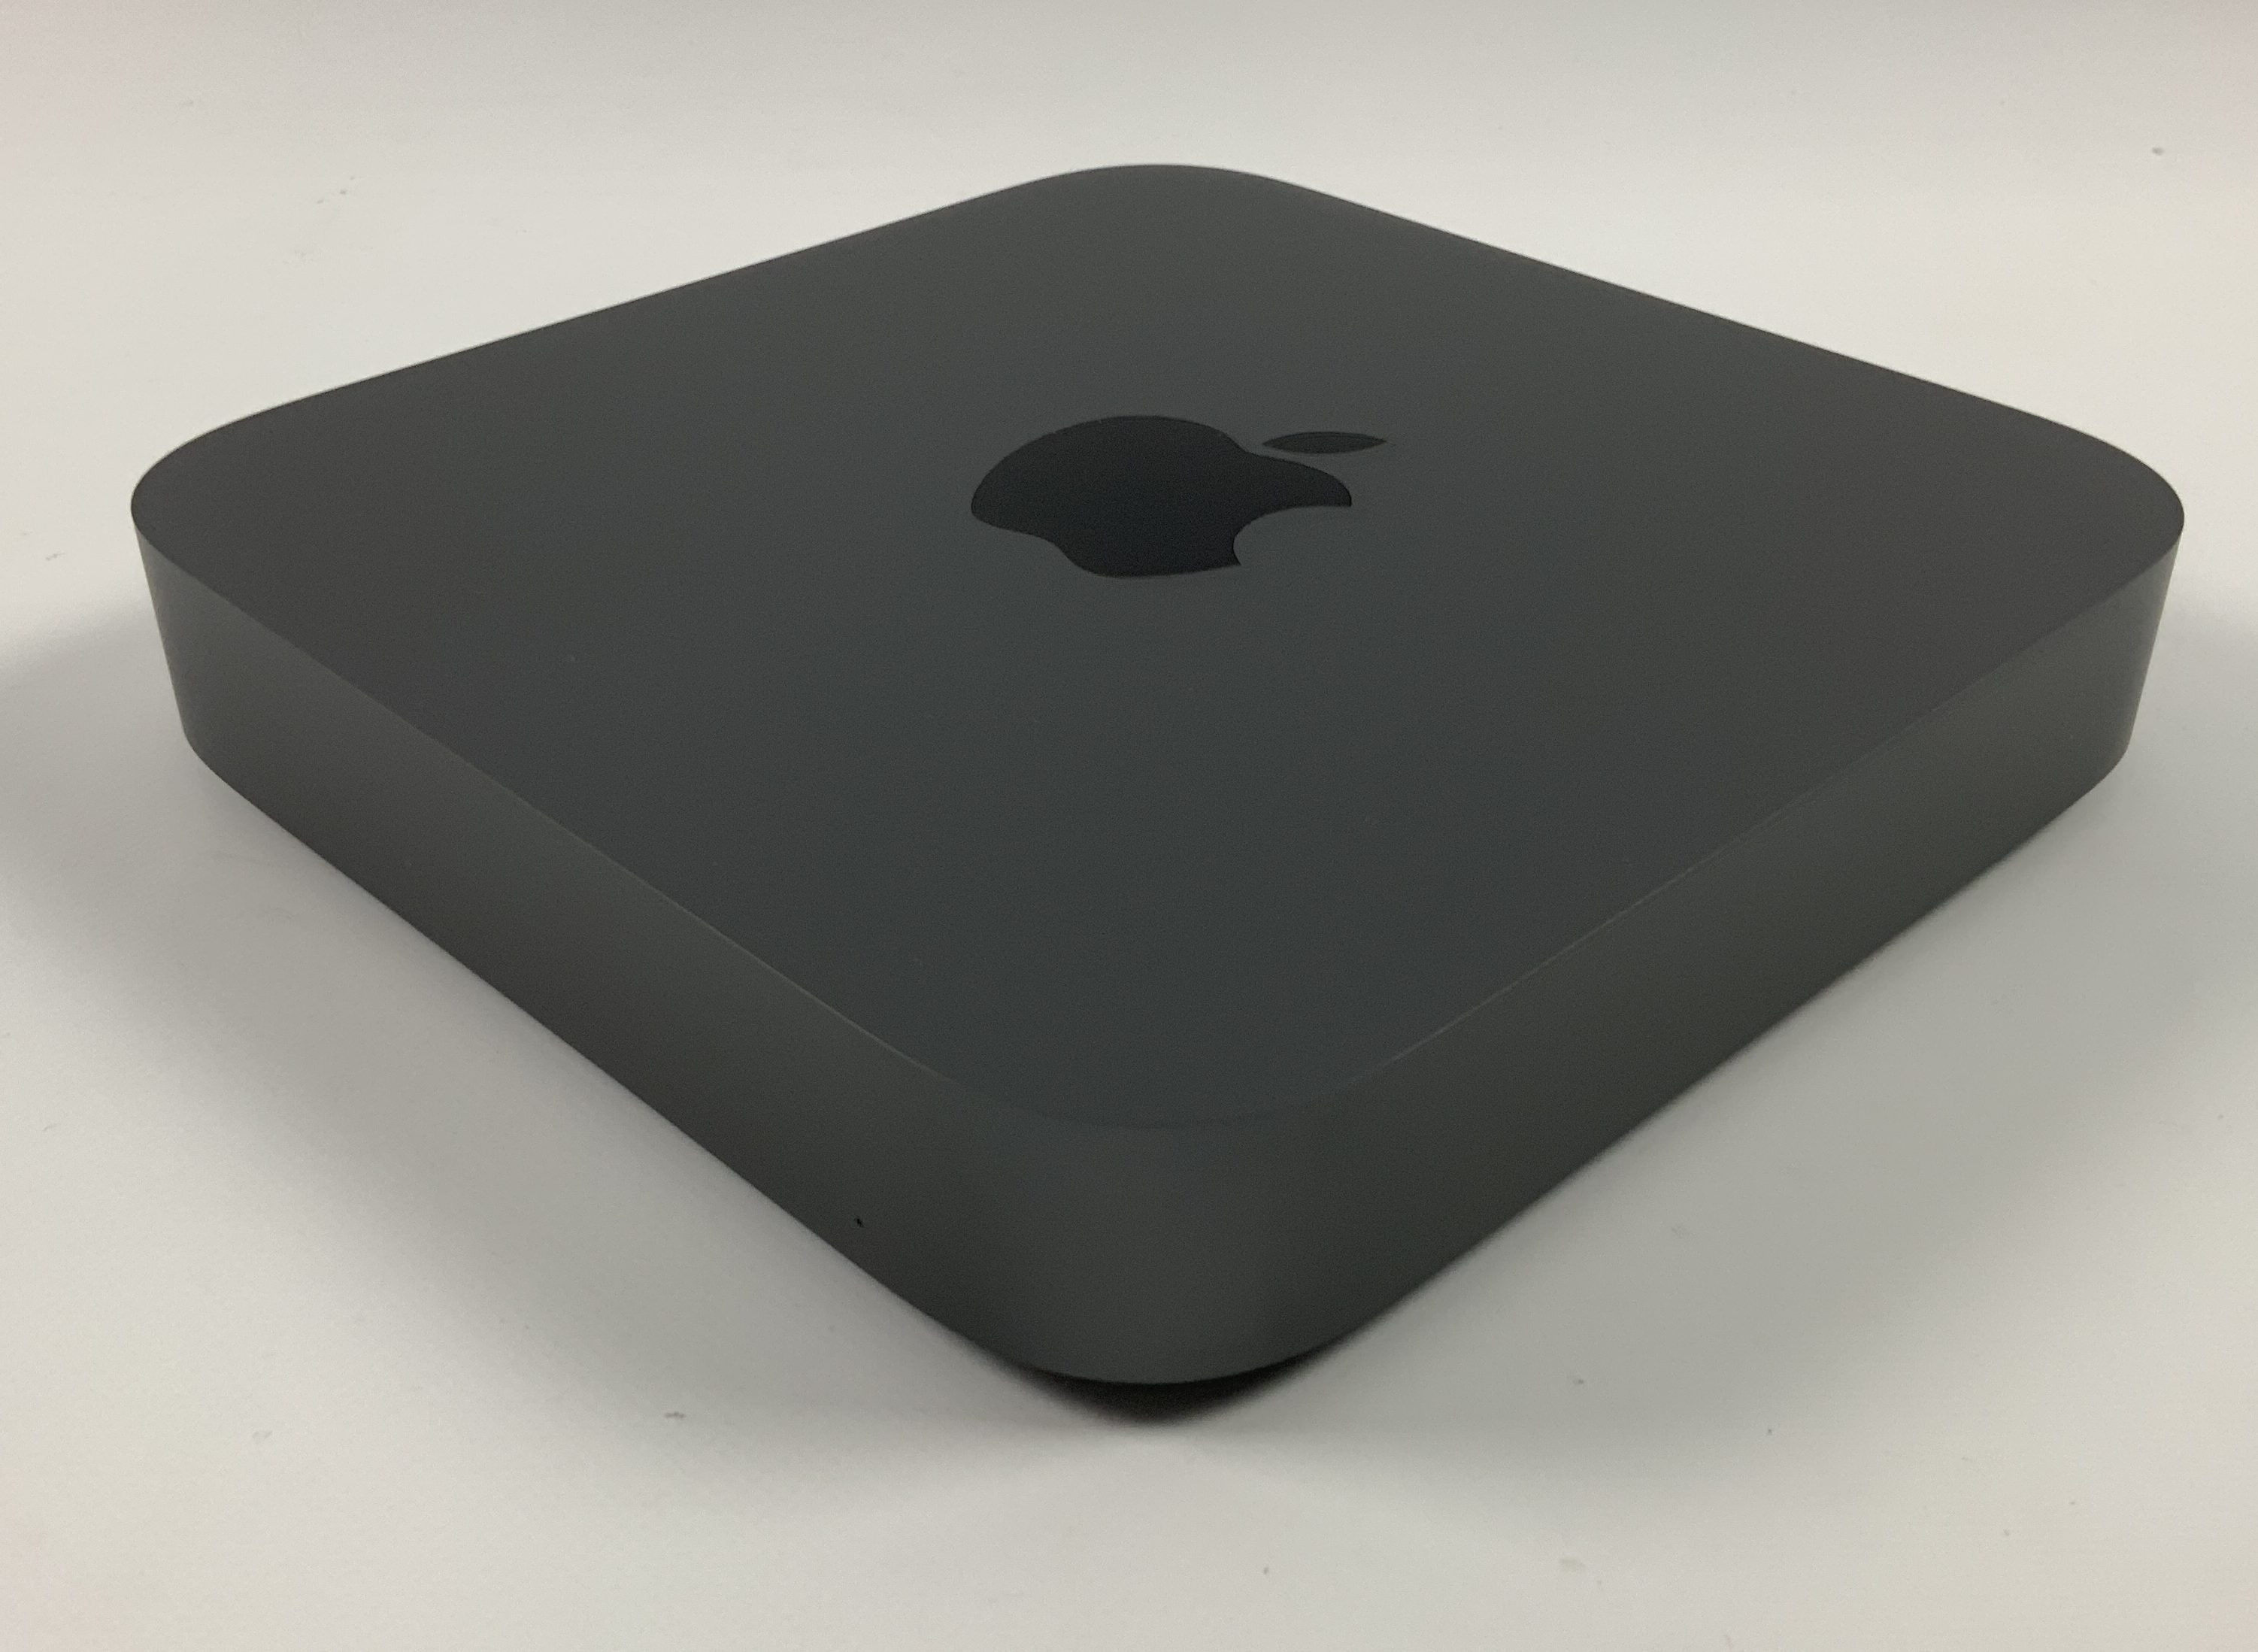 Mac Mini Late 2018 (Intel 6-Core i7 3.2 GHz 32 GB RAM 512 GB SSD), Intel 6-Core i7 3.2 GHz, 32 GB RAM, 512 GB SSD, Afbeelding 3